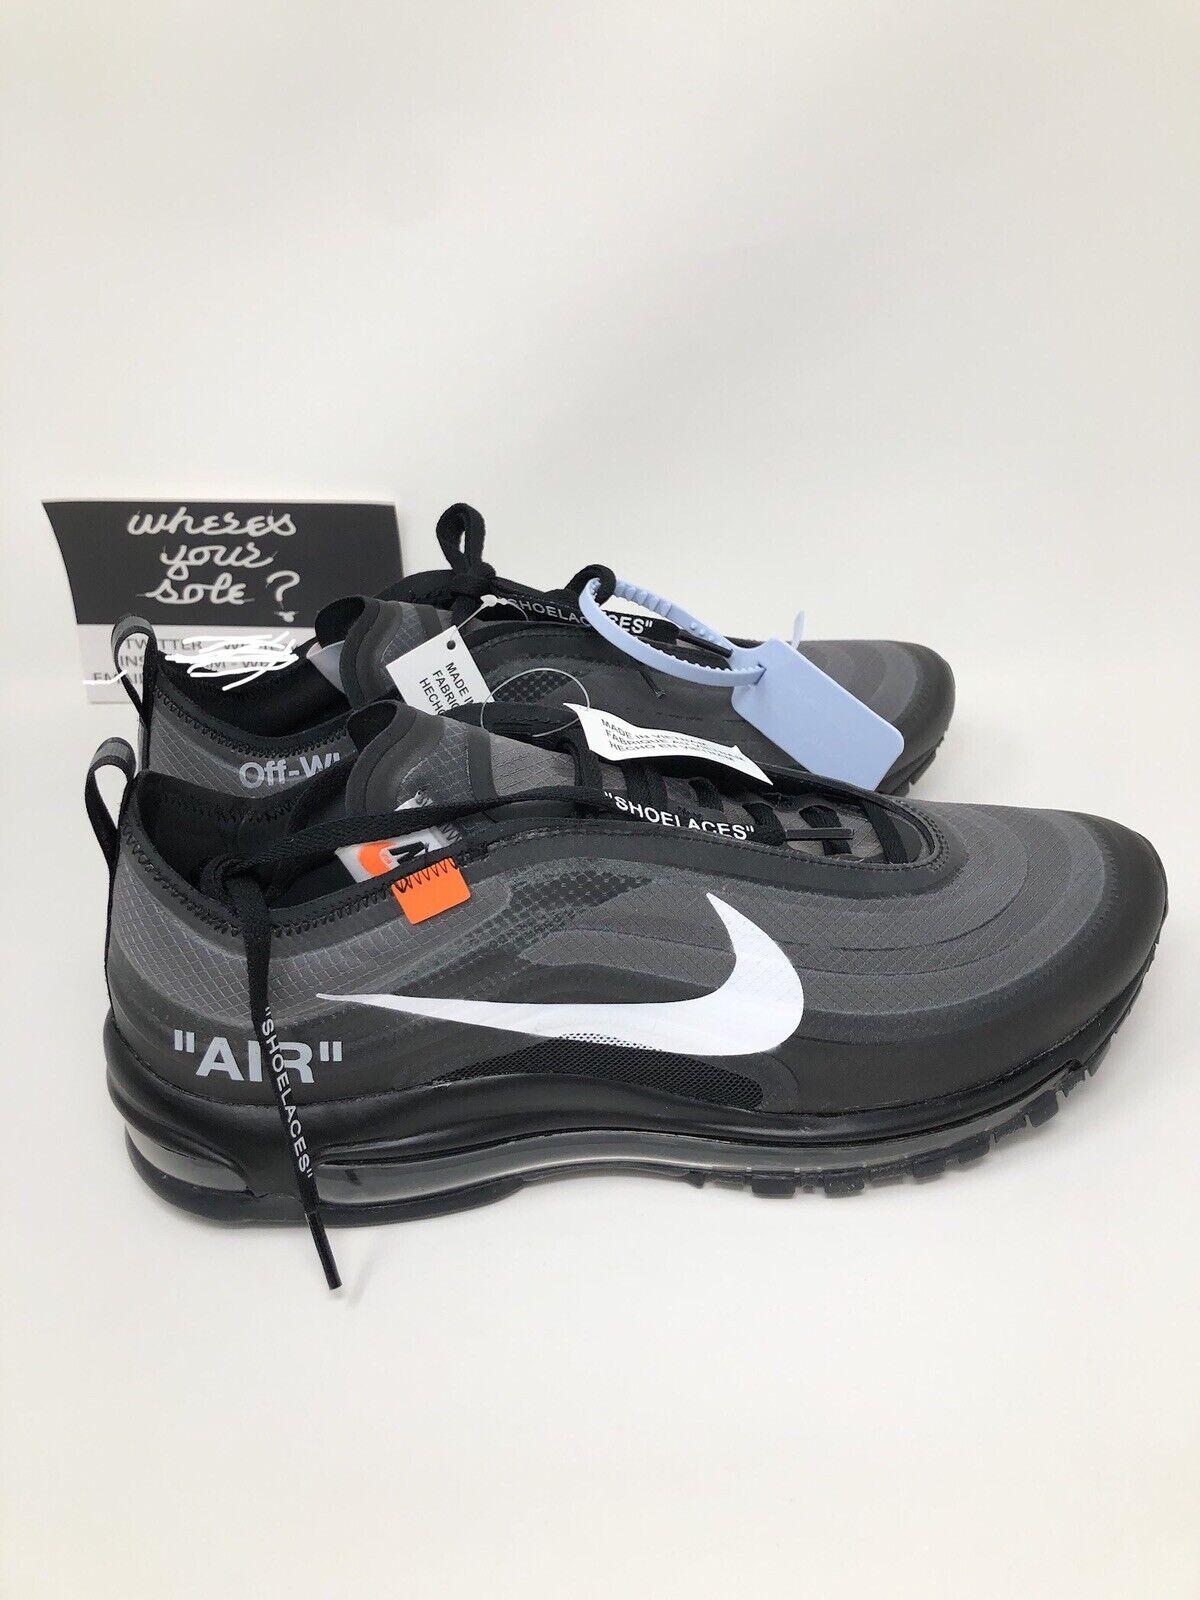 Nike Off White The Ten  Air Max 97 OG Black size 10.5 New DS AJ4585-001 Virgil